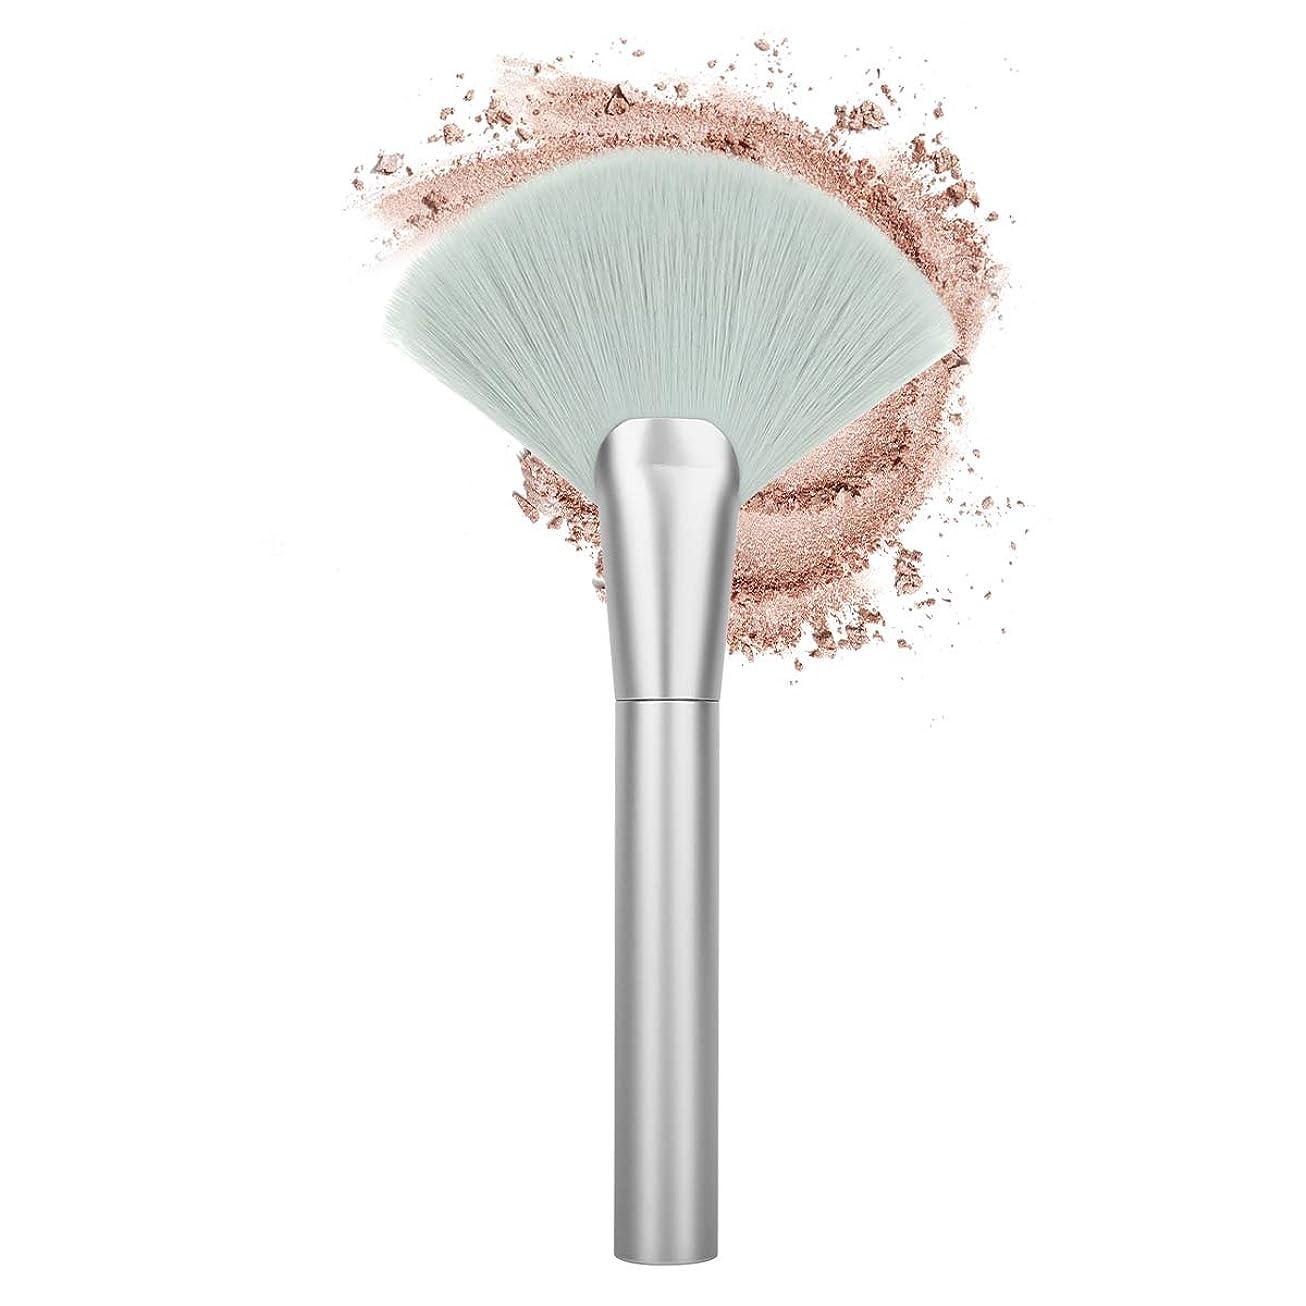 名前一掃する腹Luxspire メイクブラシ 化粧 ブラシ 1本 ファンデーションブラシ シャドウ フェイスブラシ 高級 化粧筆 扇形 ふわふわ 敏感肌適用 高級タクロン 清らか 緑銀色